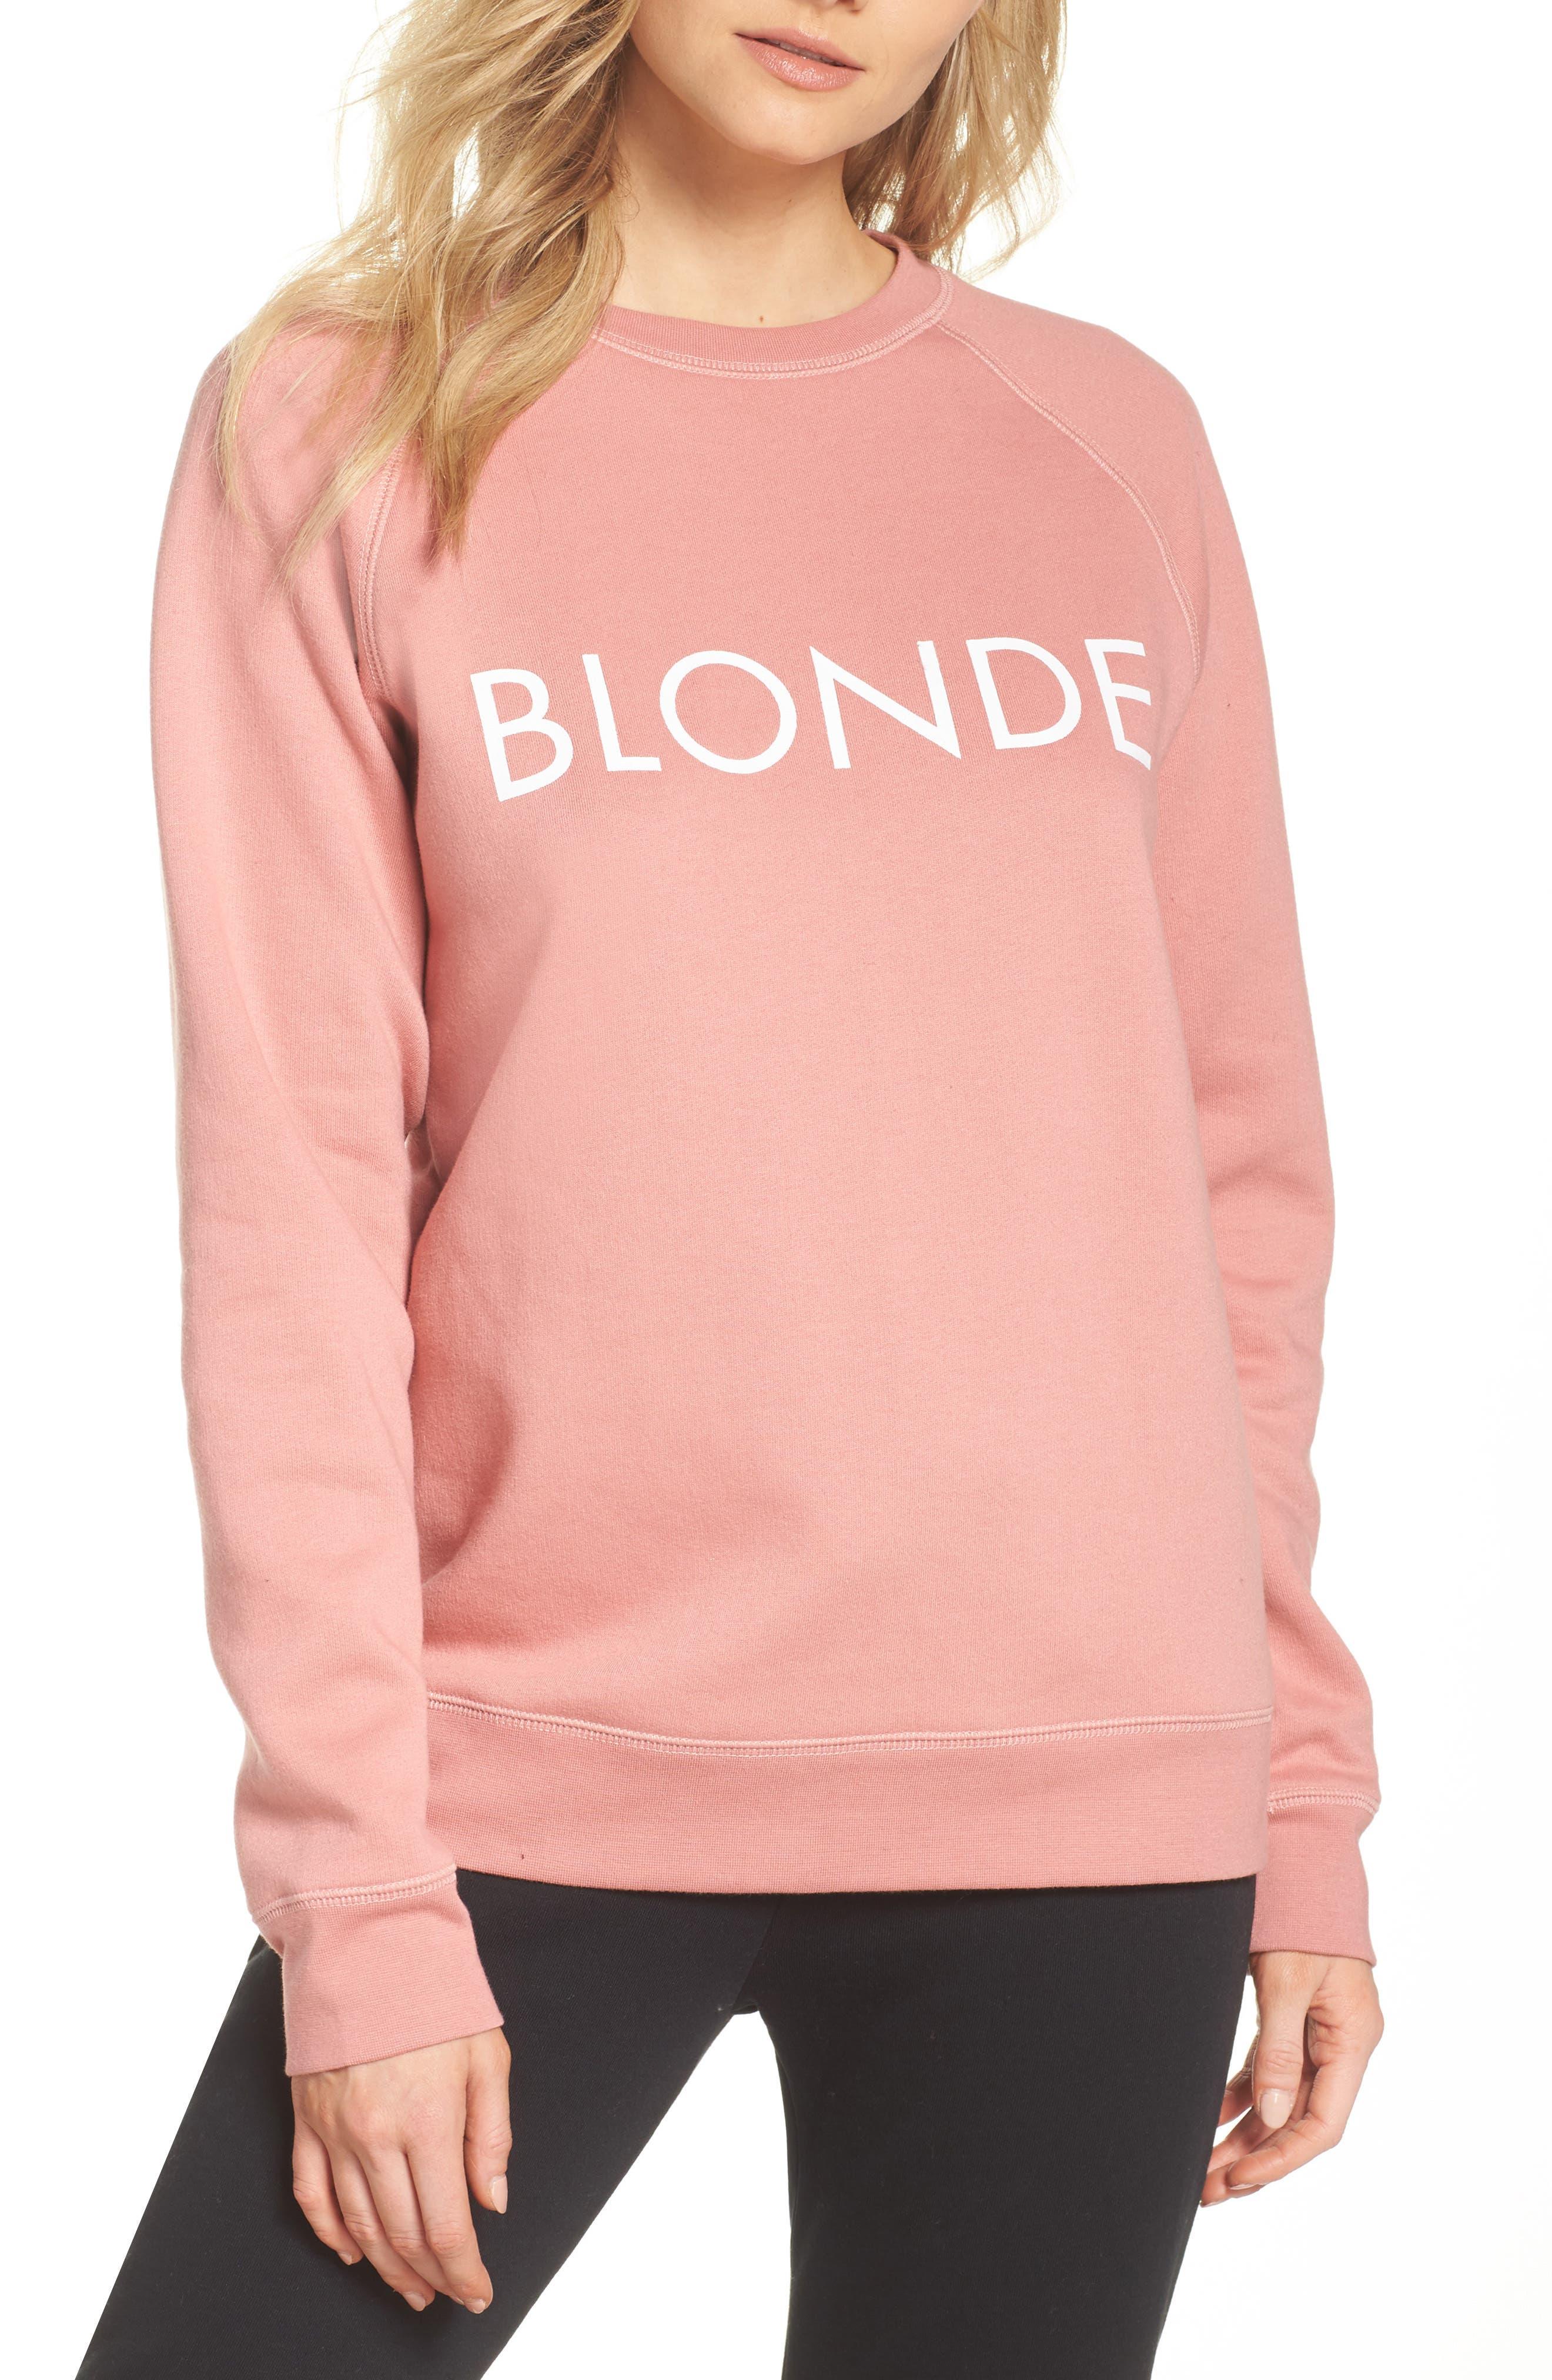 Blonde Crewneck Sweatshirt,                         Main,                         color,